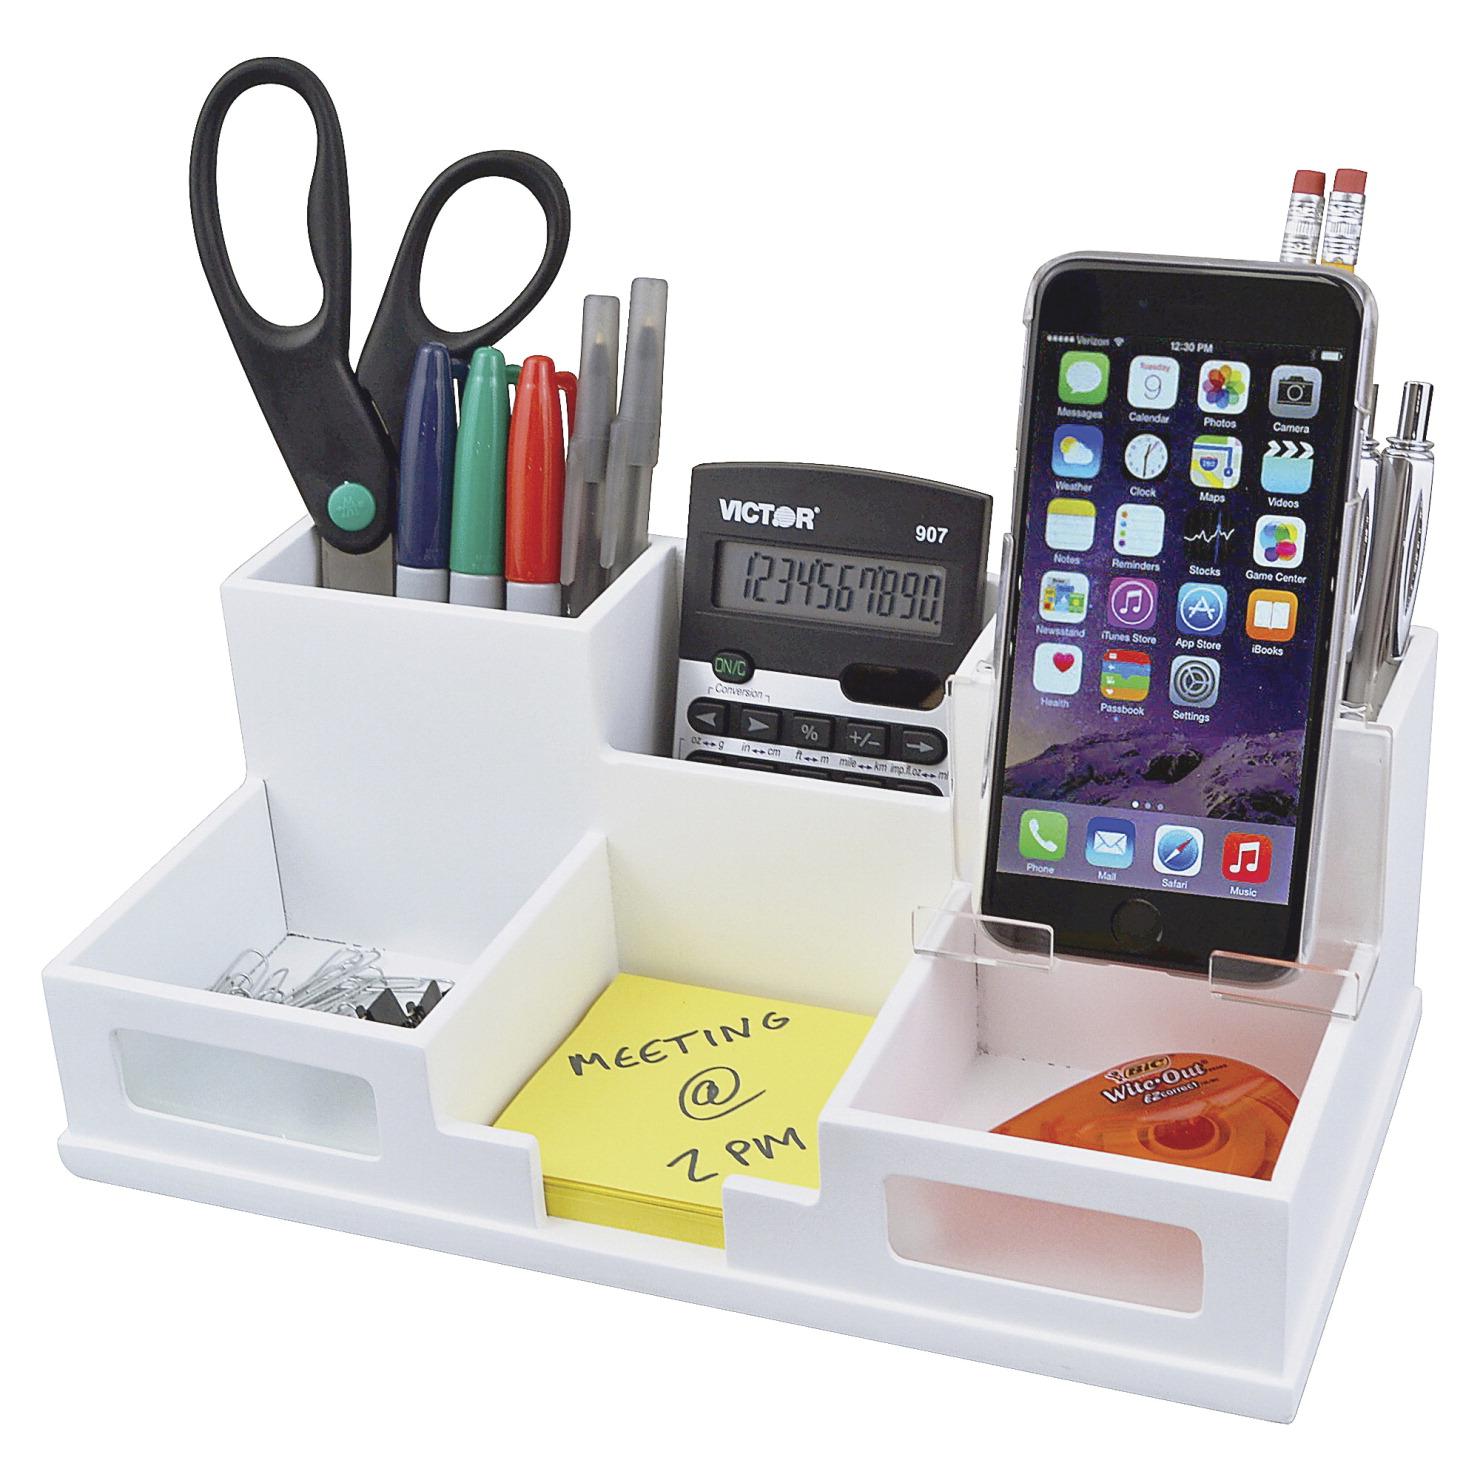 Victor phone holder desk organizer 5 1 2 x 10 3 8 x 3 1 2 - Desk organize ...